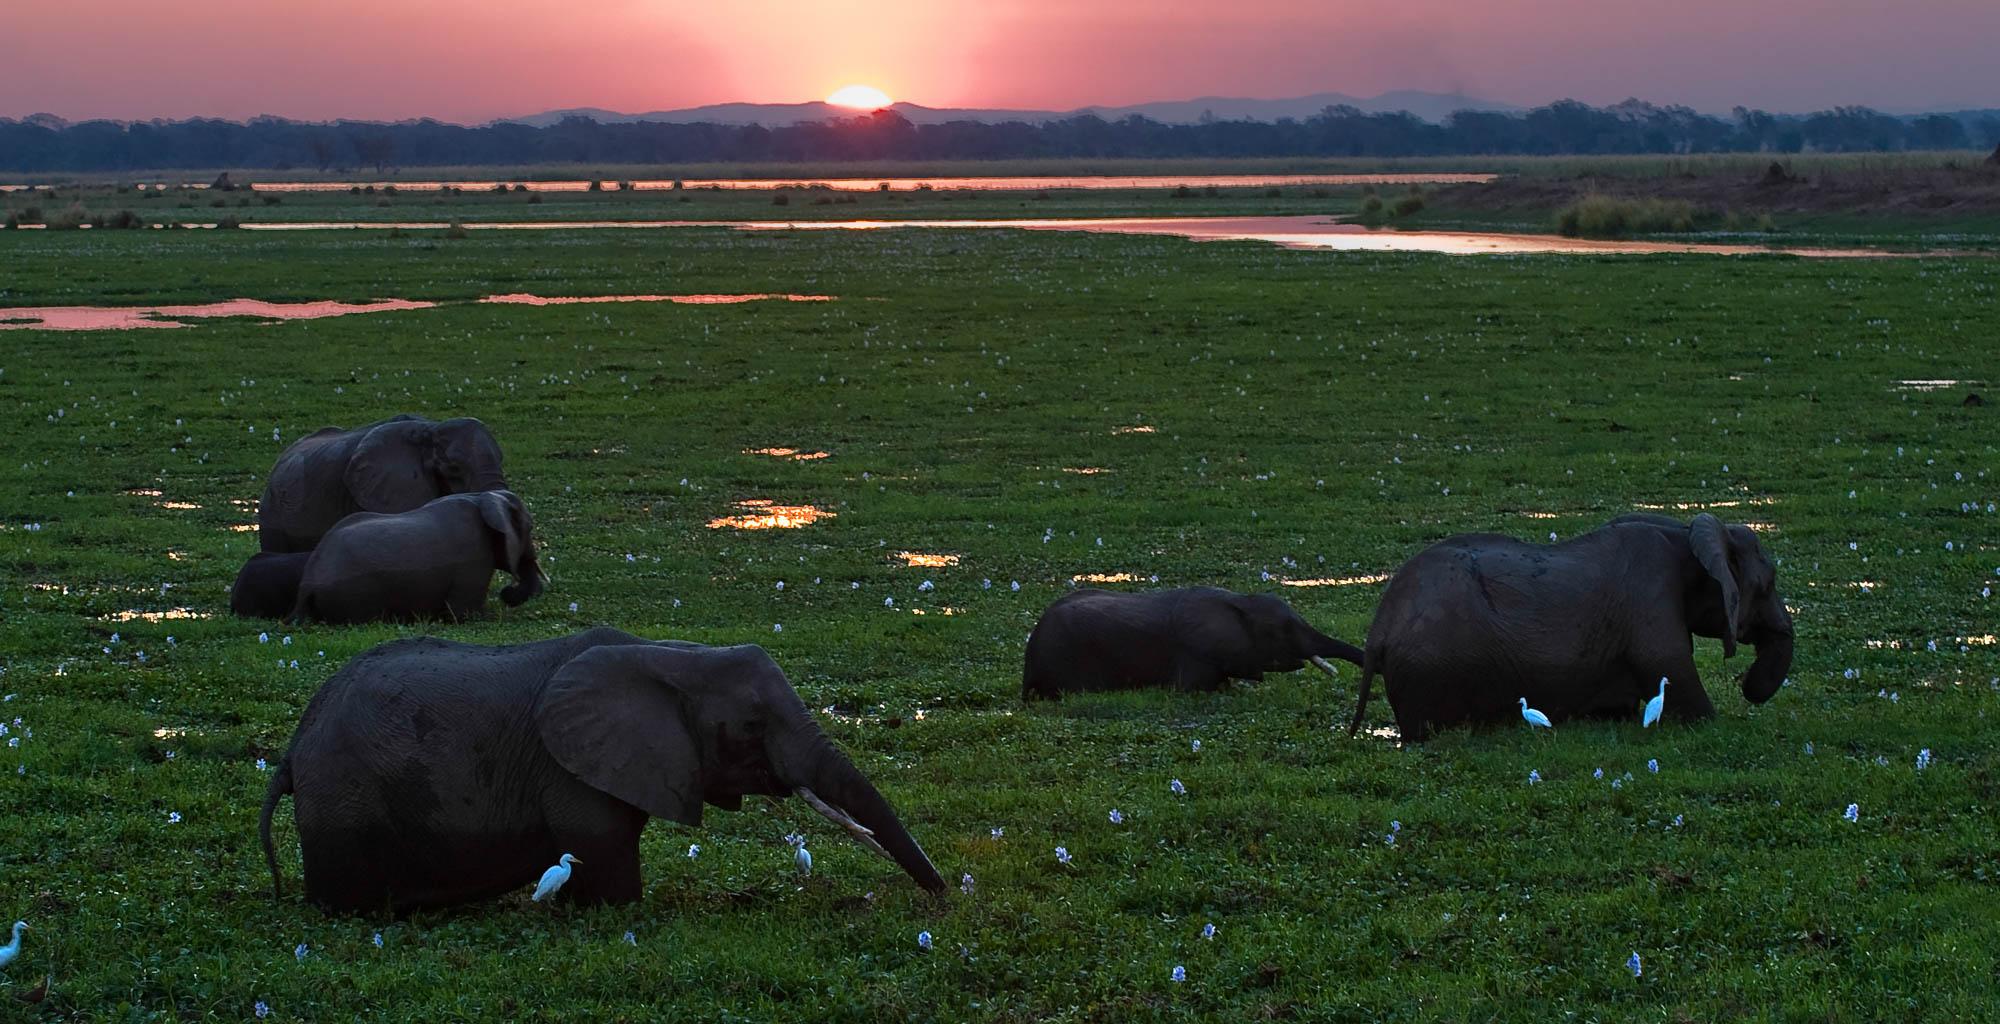 Zimbabwe-Mana-Pools-Elephant-Sunset